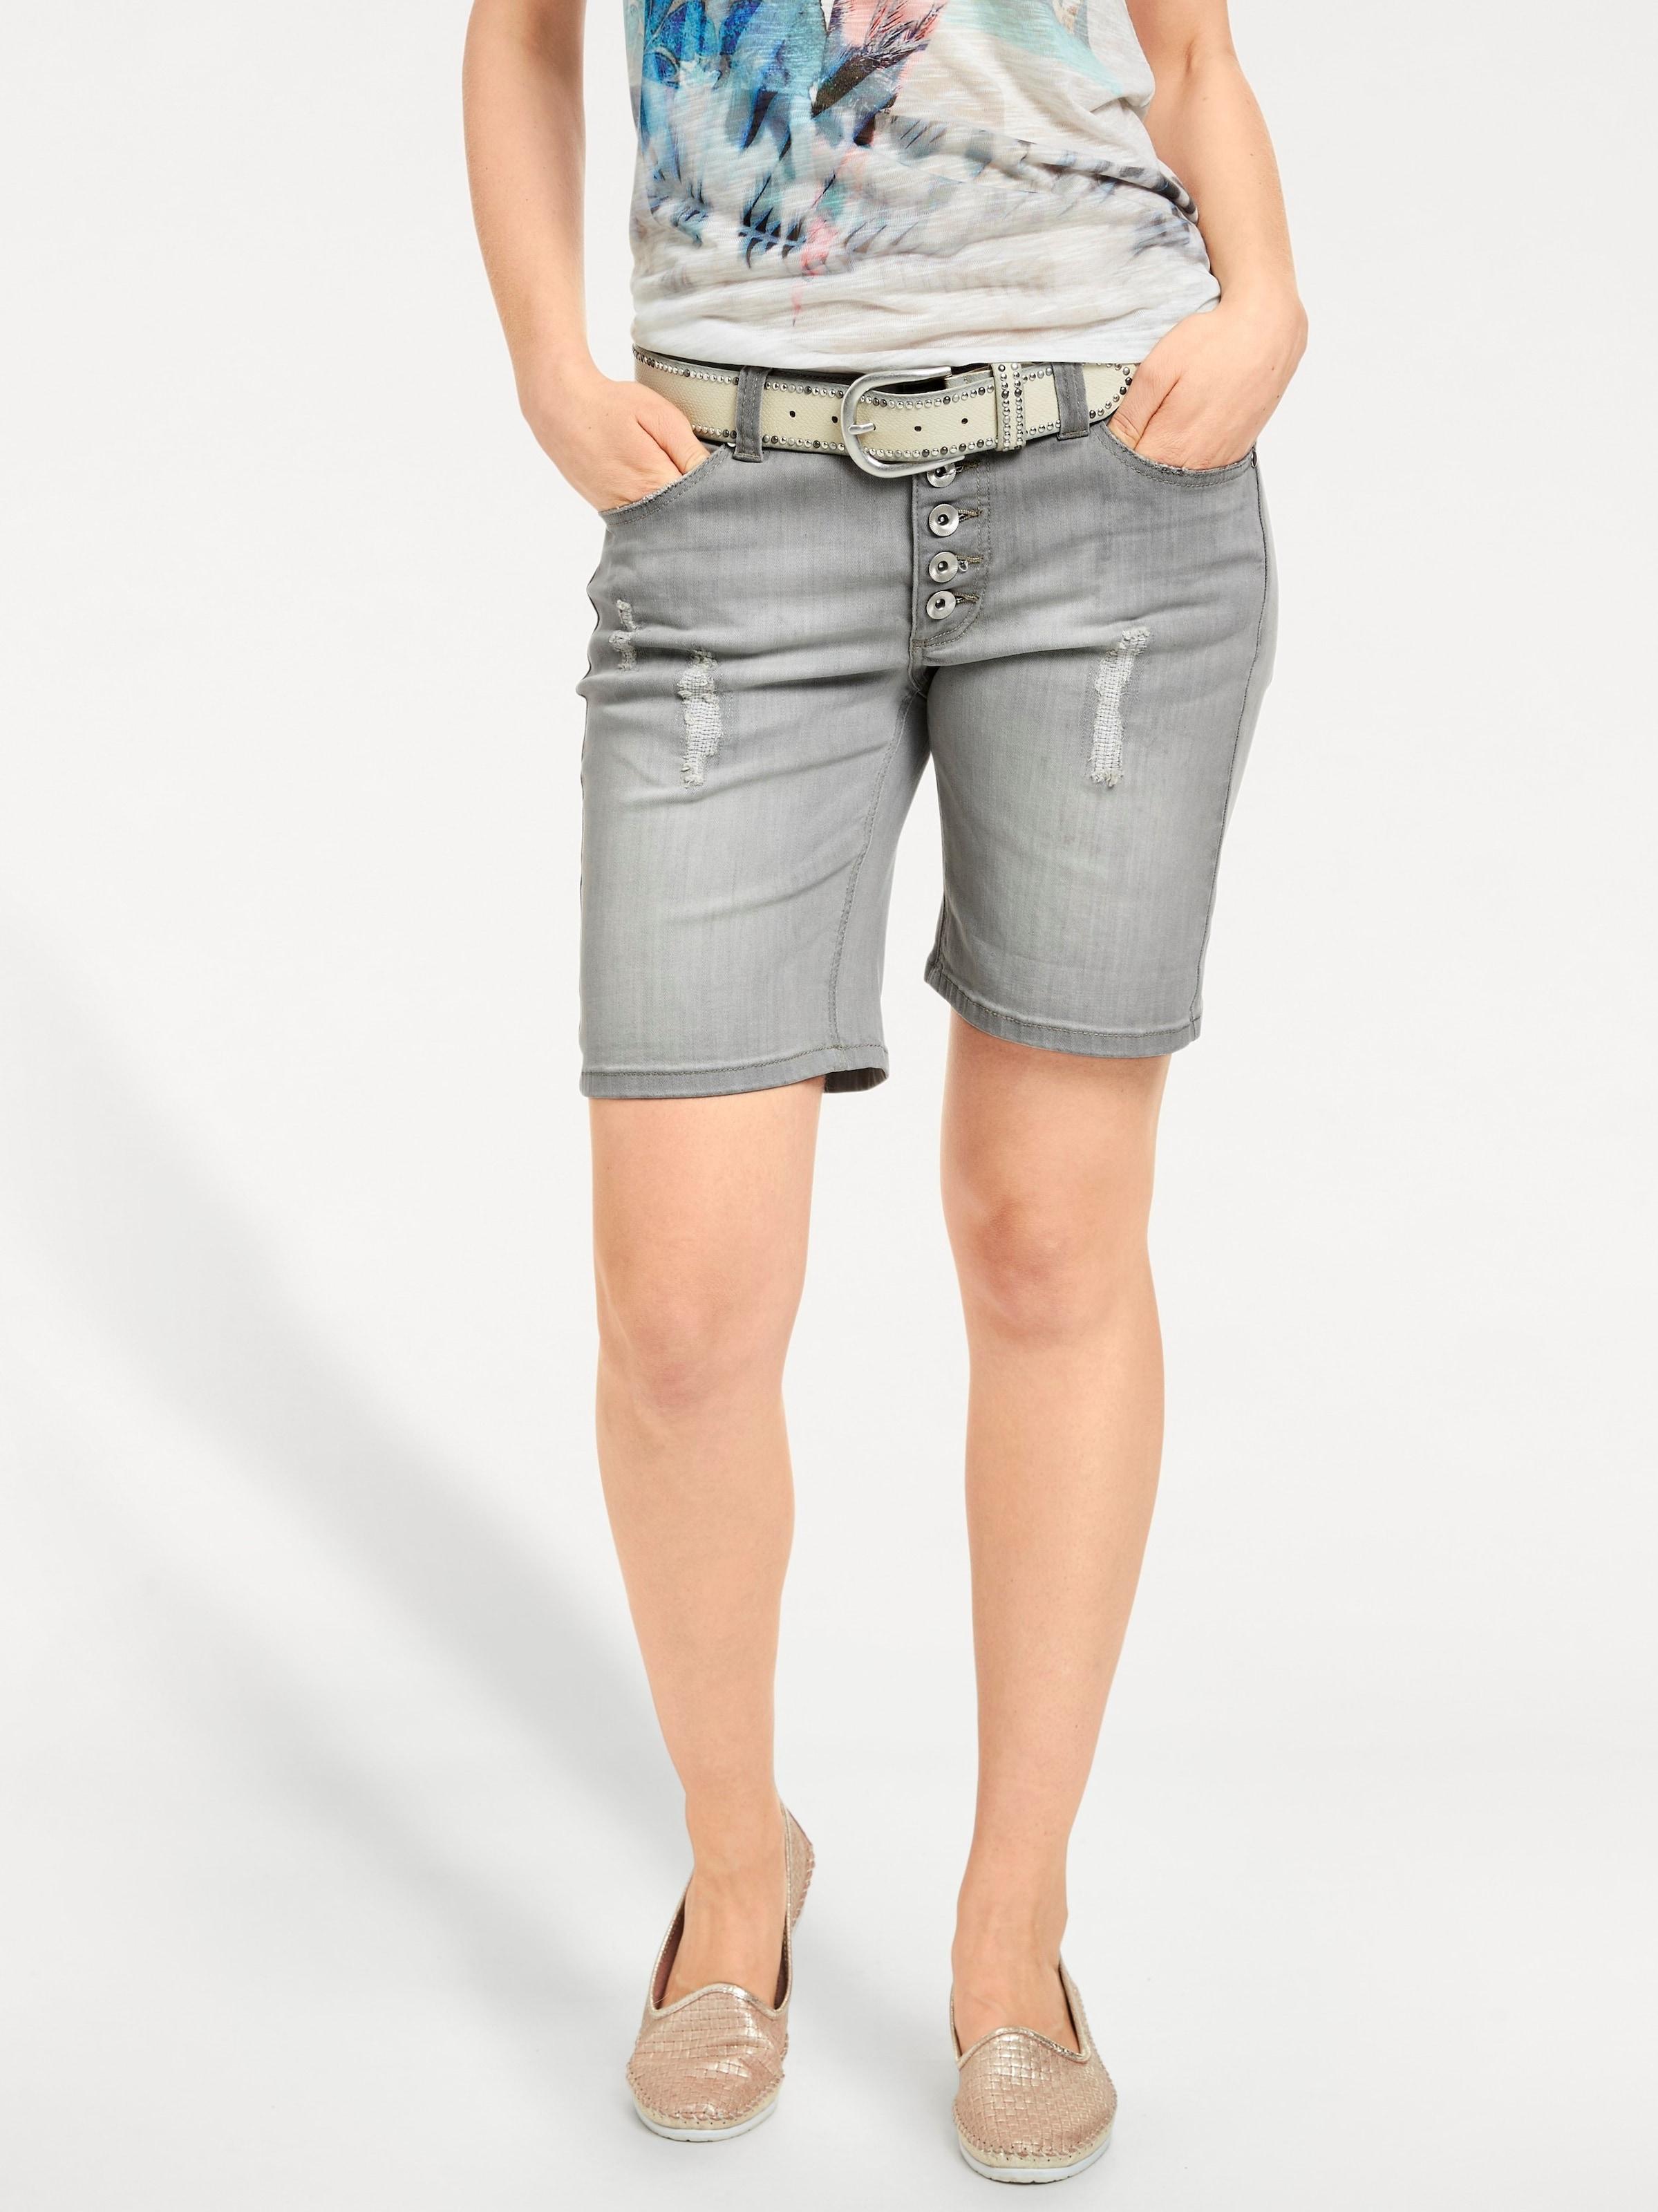 shorts Grey Denim In Heine Boyfriend 1KTFclJ